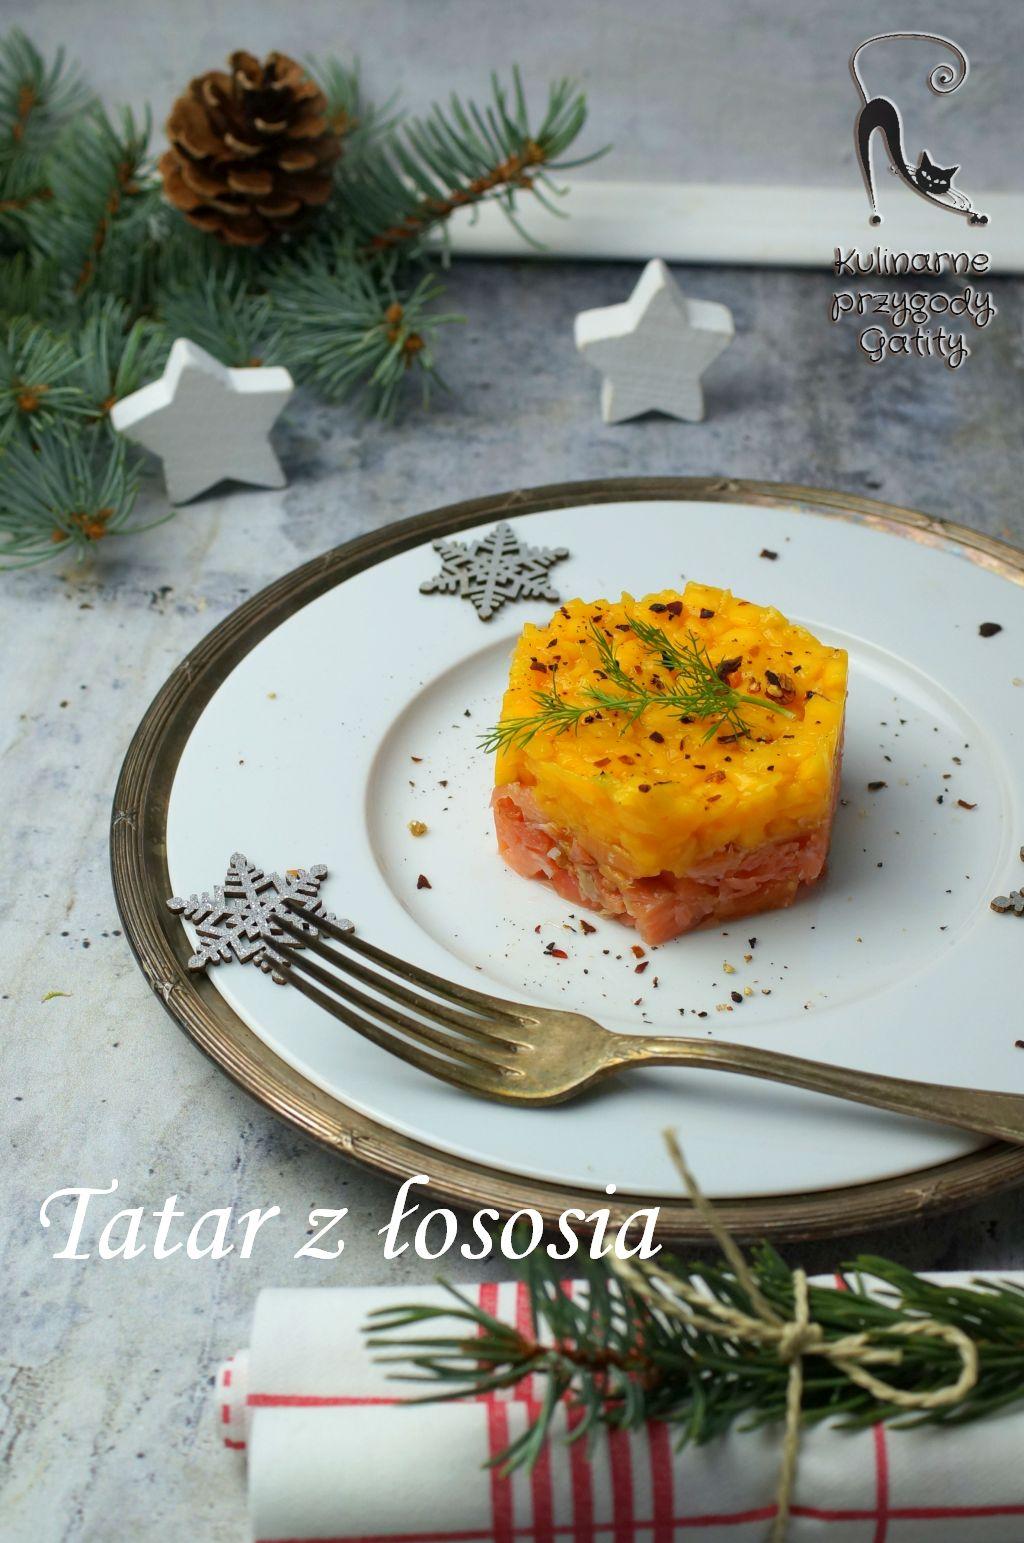 kolorowy-tatar-z-lososia-z-mango-na-białym-talerzu-widok-z-gory